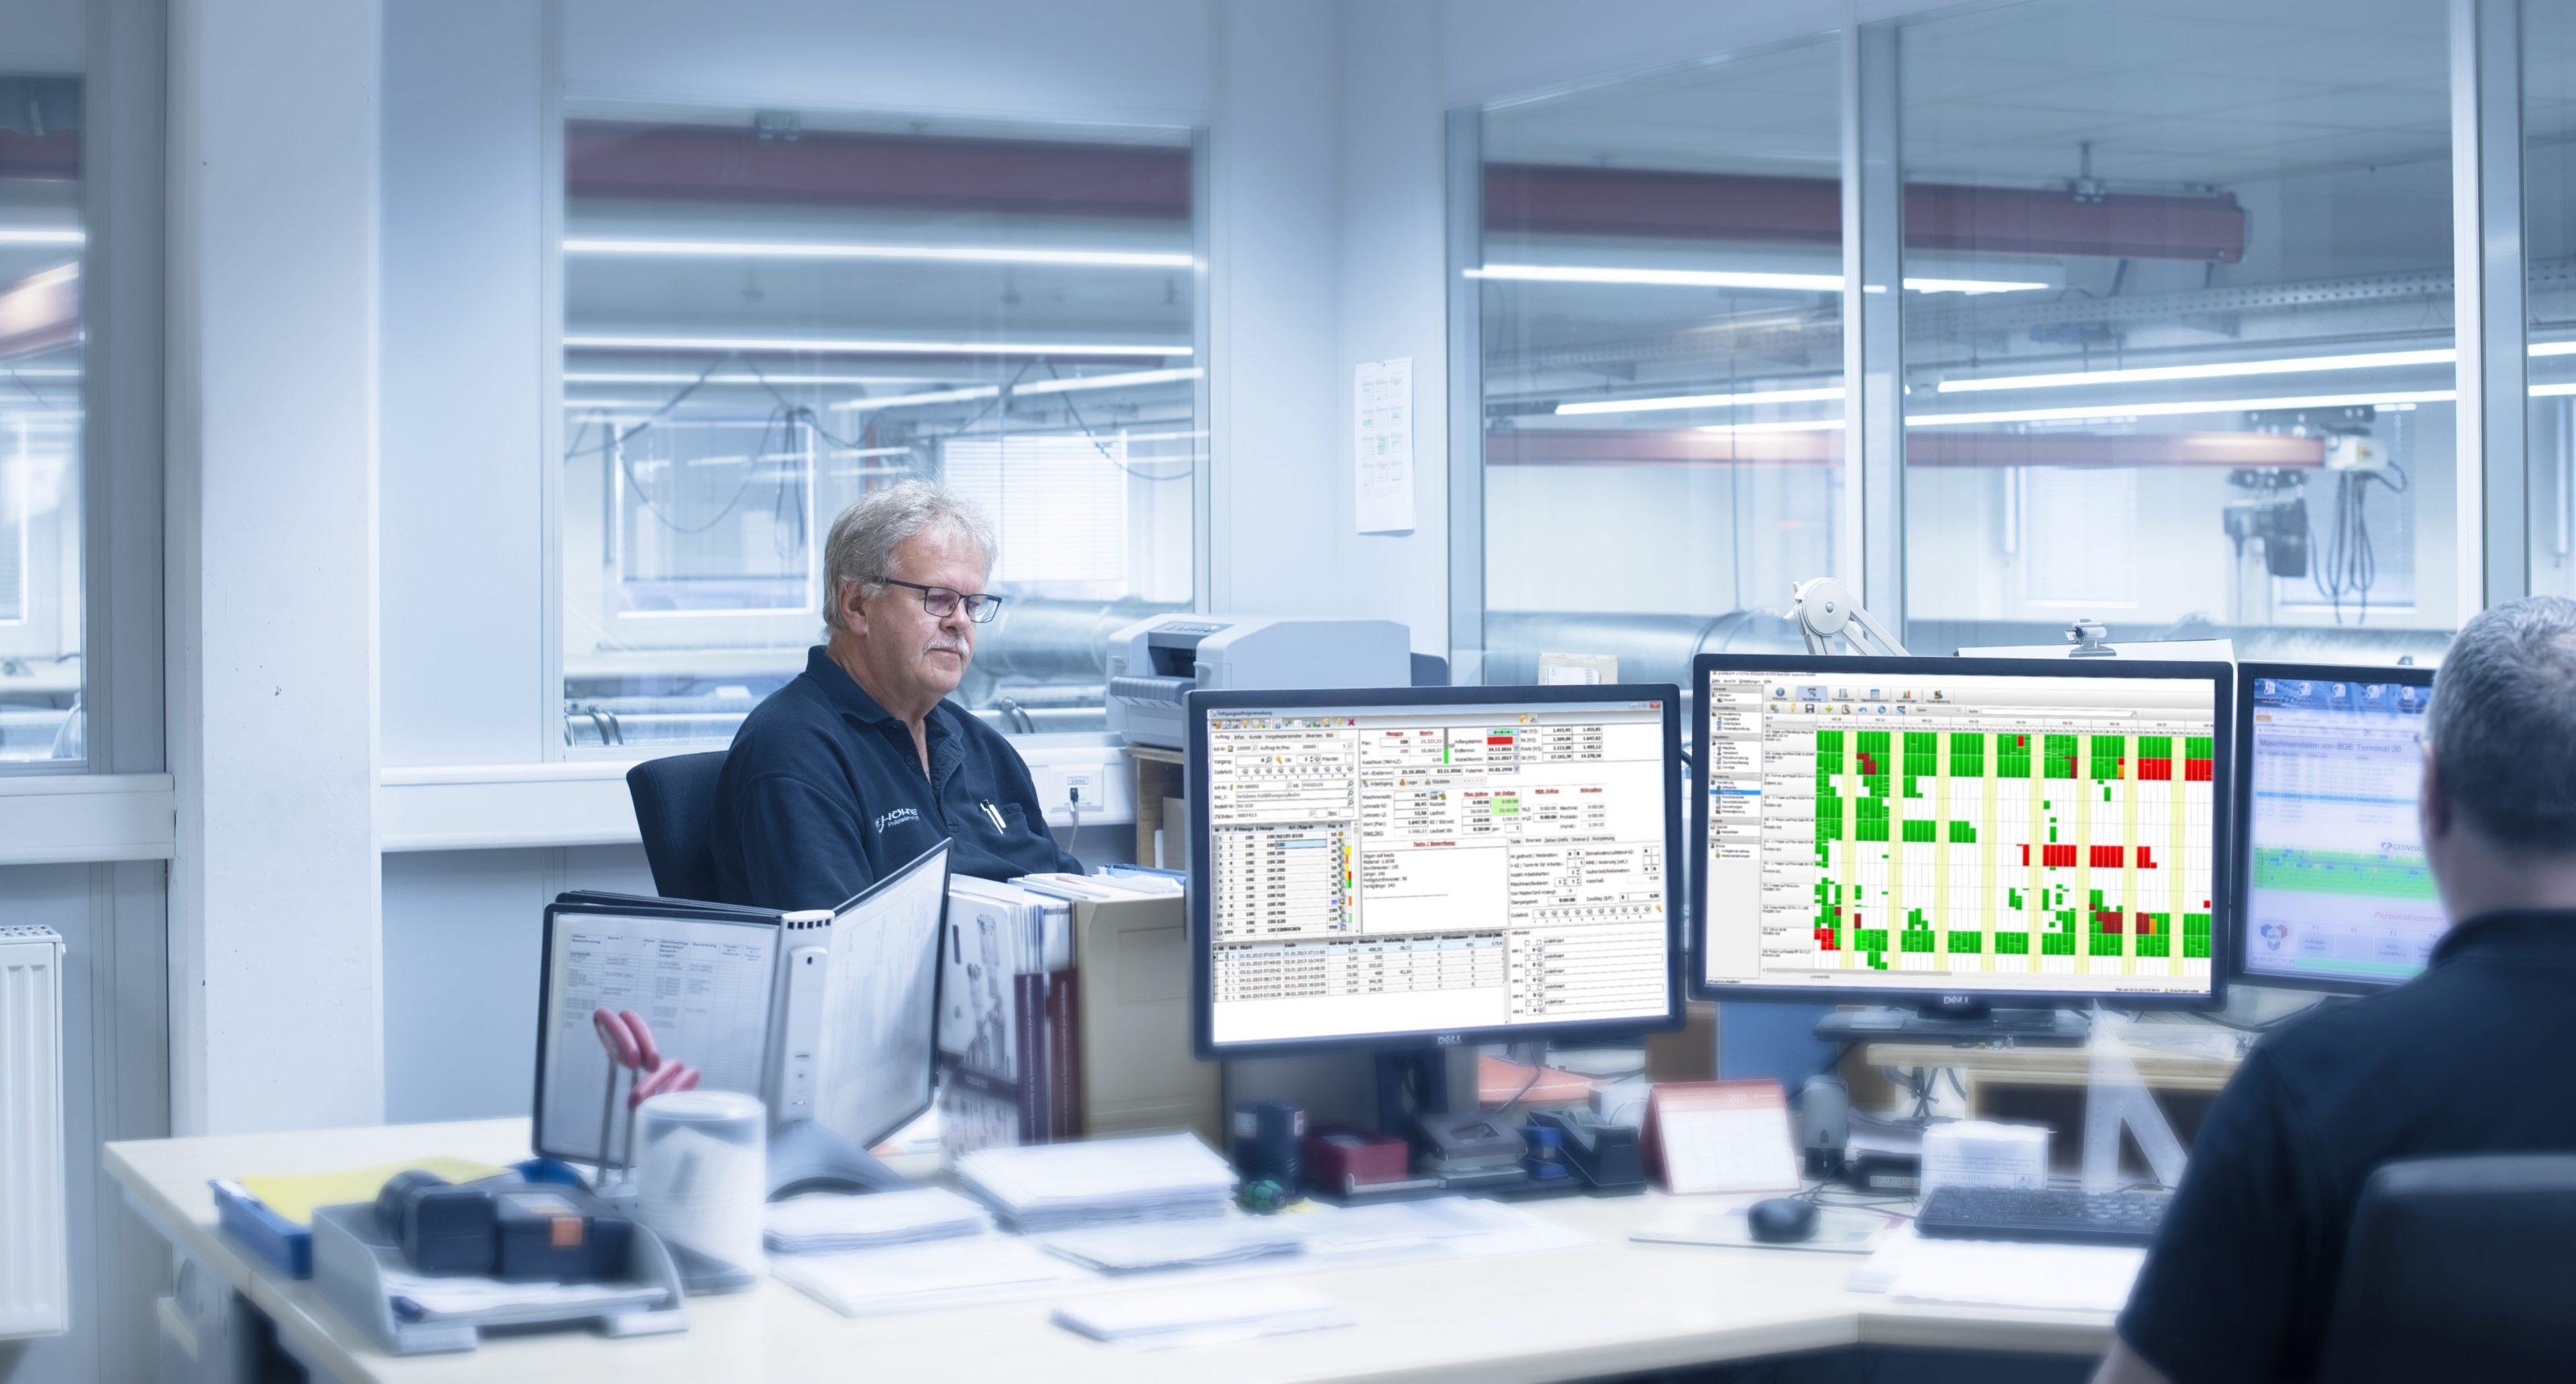 Fertigungsprozesse - Arbeitsvorbereitung auf der Grundlage umfassender Informationen: Am grafischen Leitstand lassen sich Kapazitäten gut Überblicken.